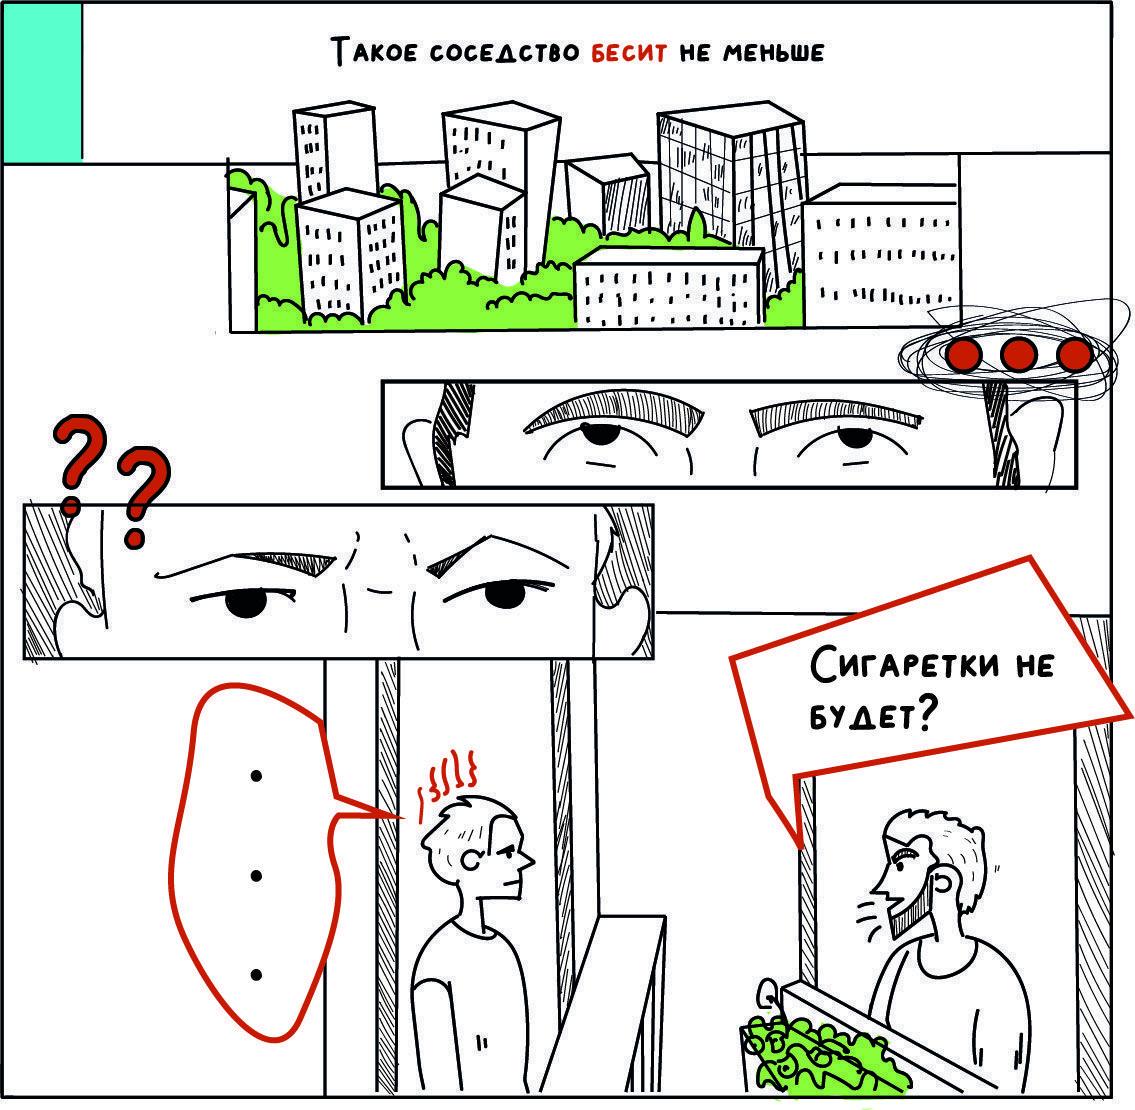 comics about kyiv 07 - <b>«Собі побібікай!»</b> Комікс Анастасії Оприщенко про те, що дратує в Києві найбільше - Заборона